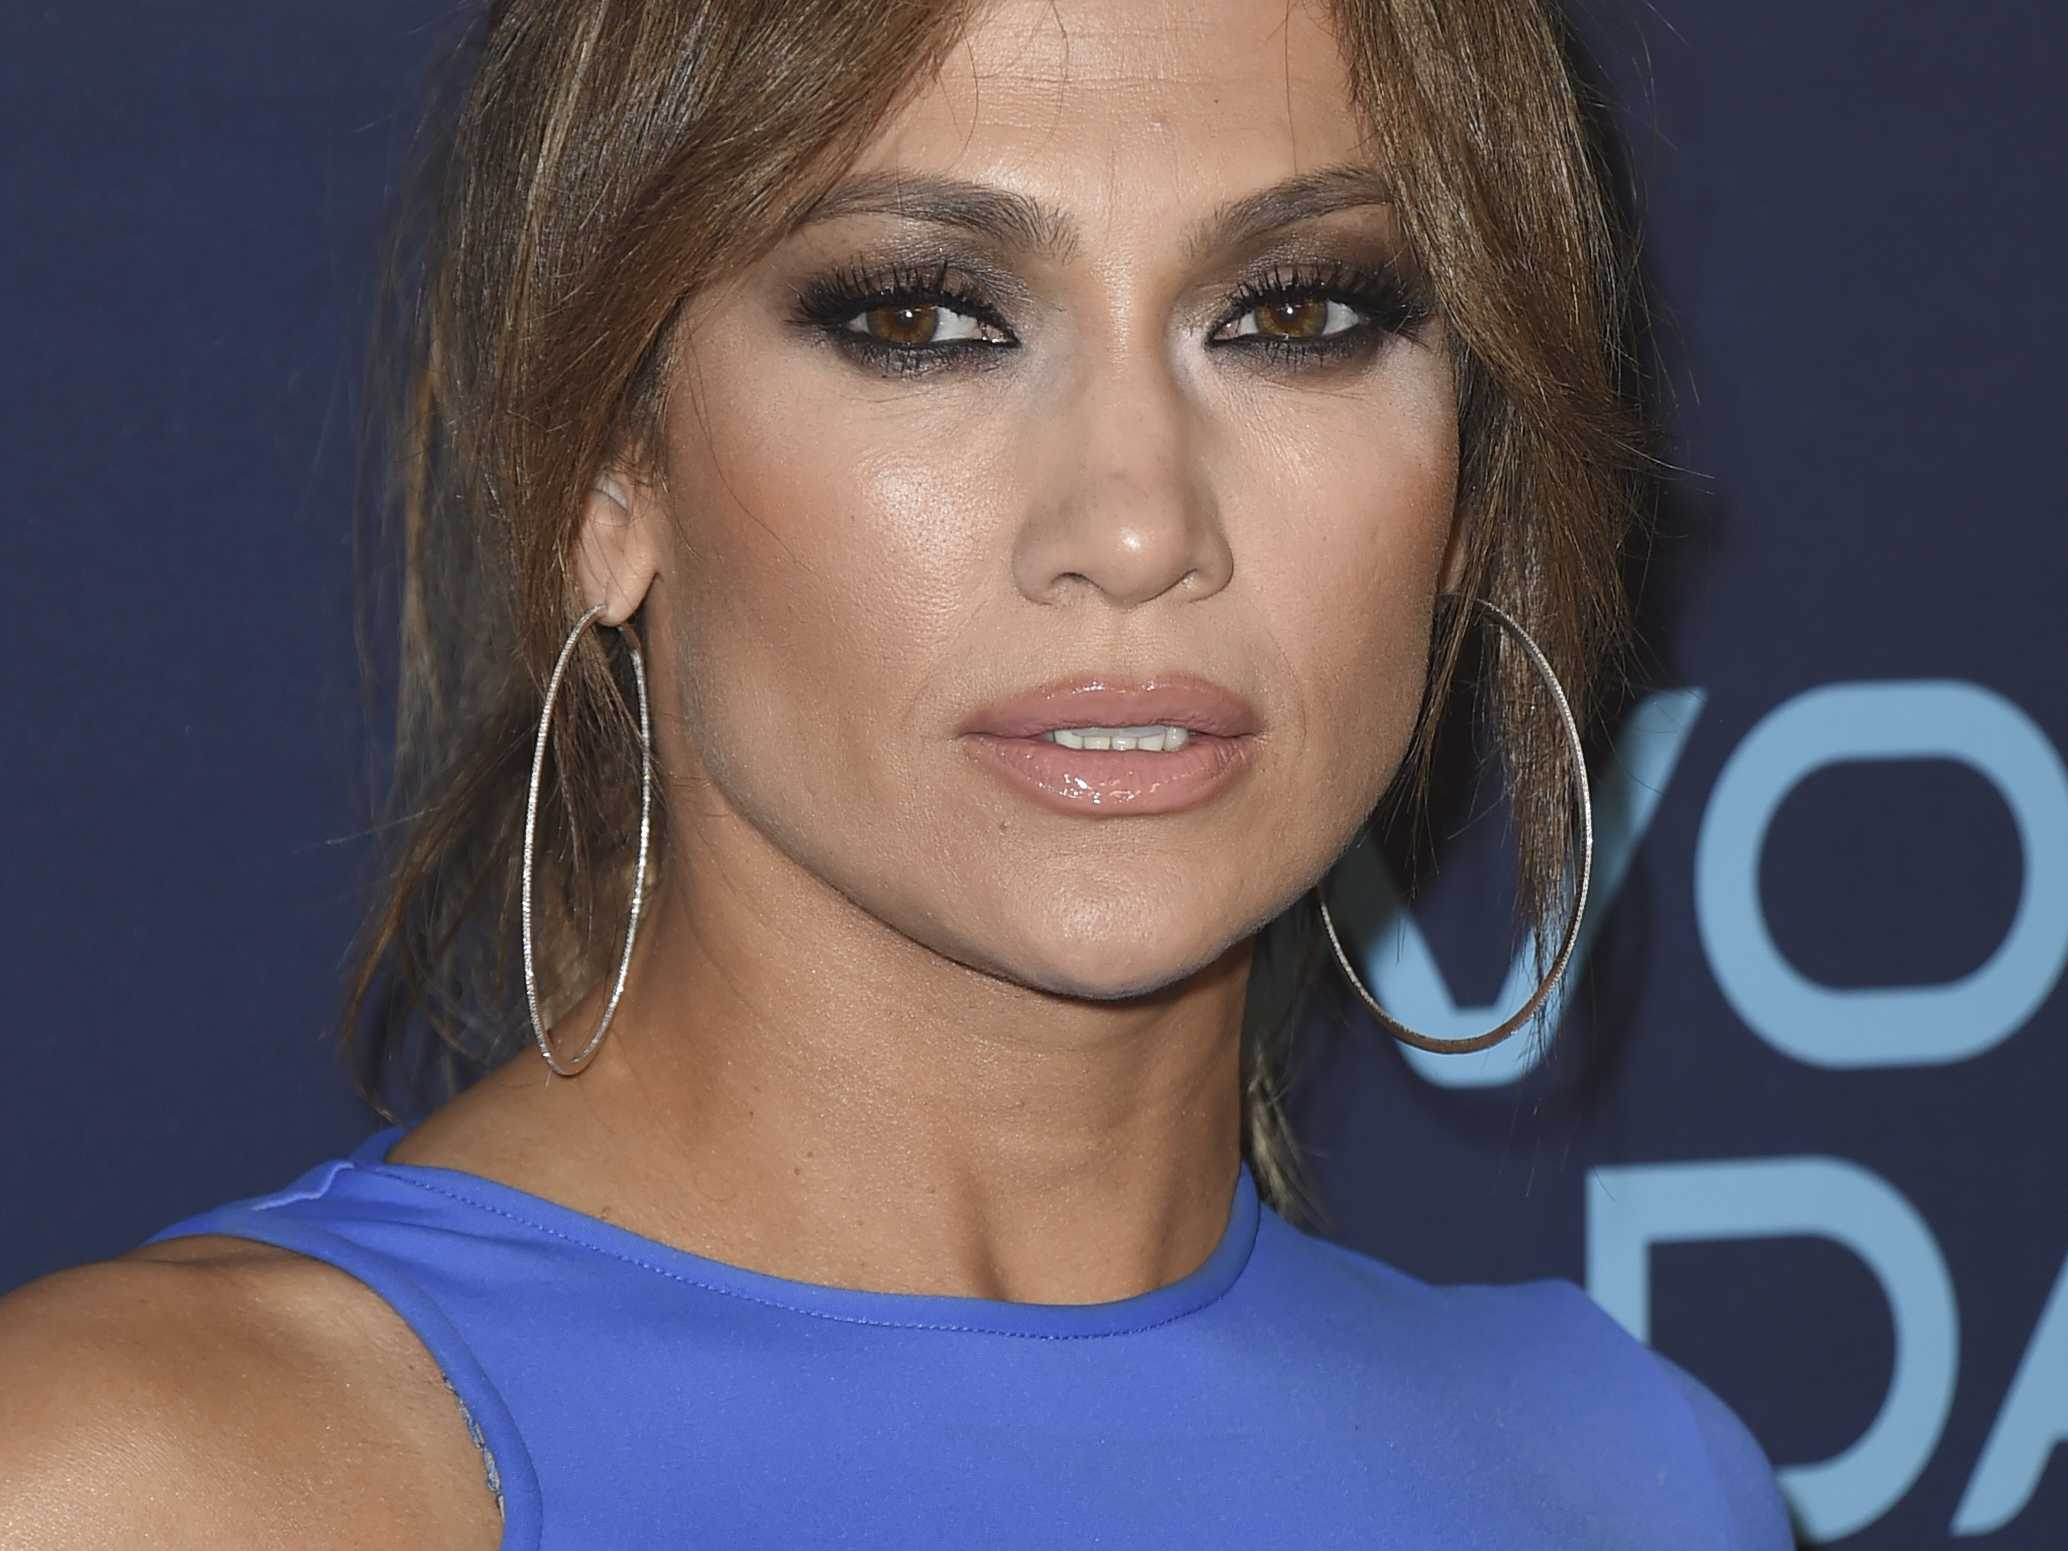 Jennifer Lopez Cancels Las Vegas Performances After Shooting